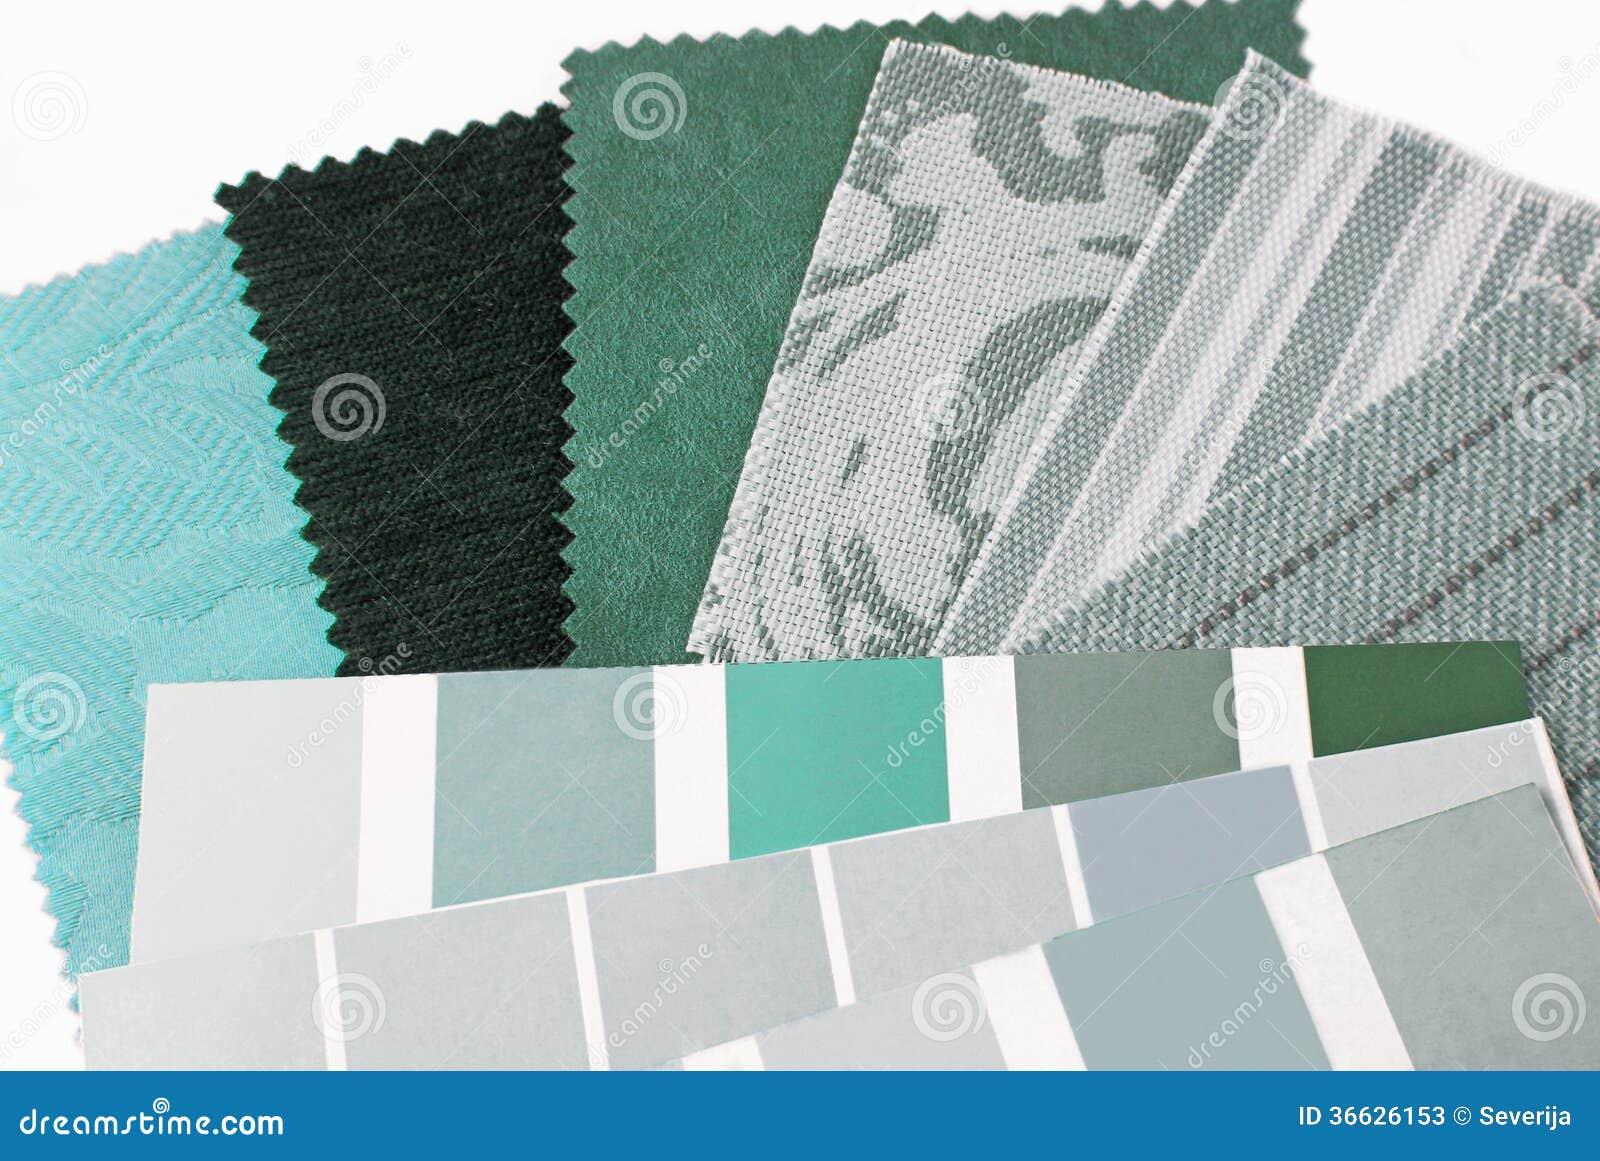 薄荷的绿色设计选择